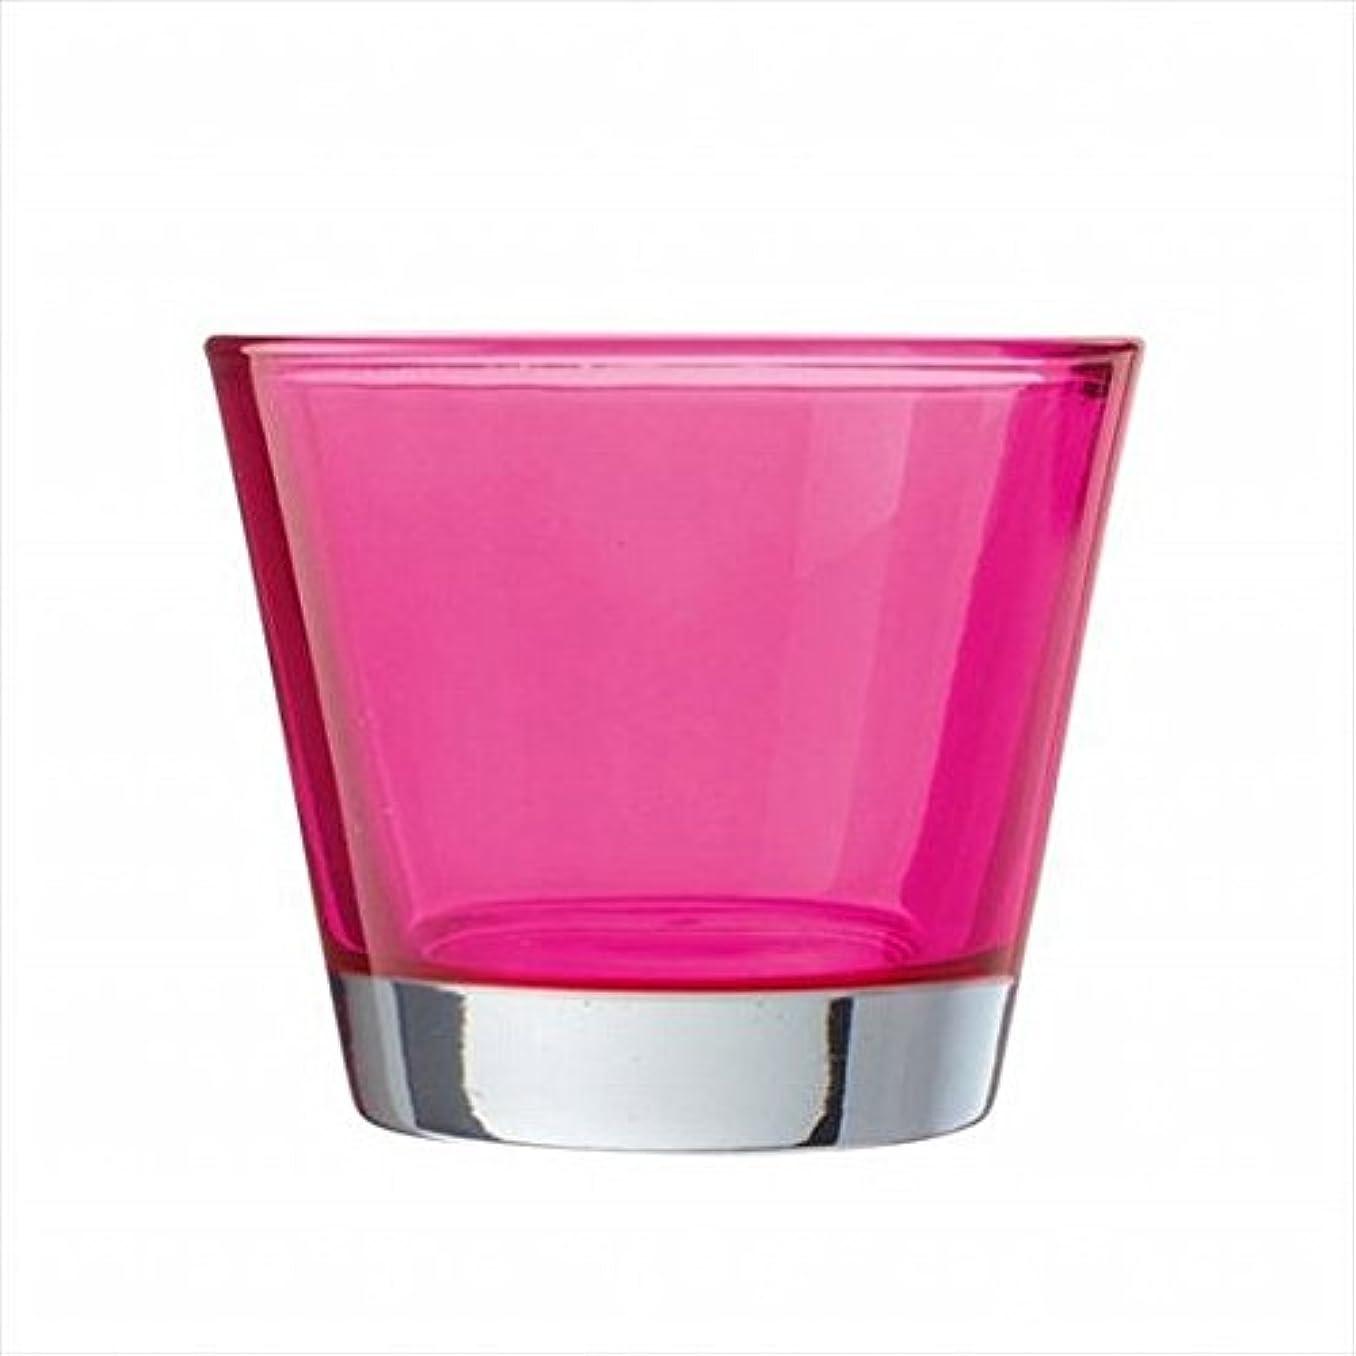 病なロマンチックトークkameyama candle(カメヤマキャンドル) カラリス 「 ピンク 」 キャンドル 82x82x70mm (J2540000PK)